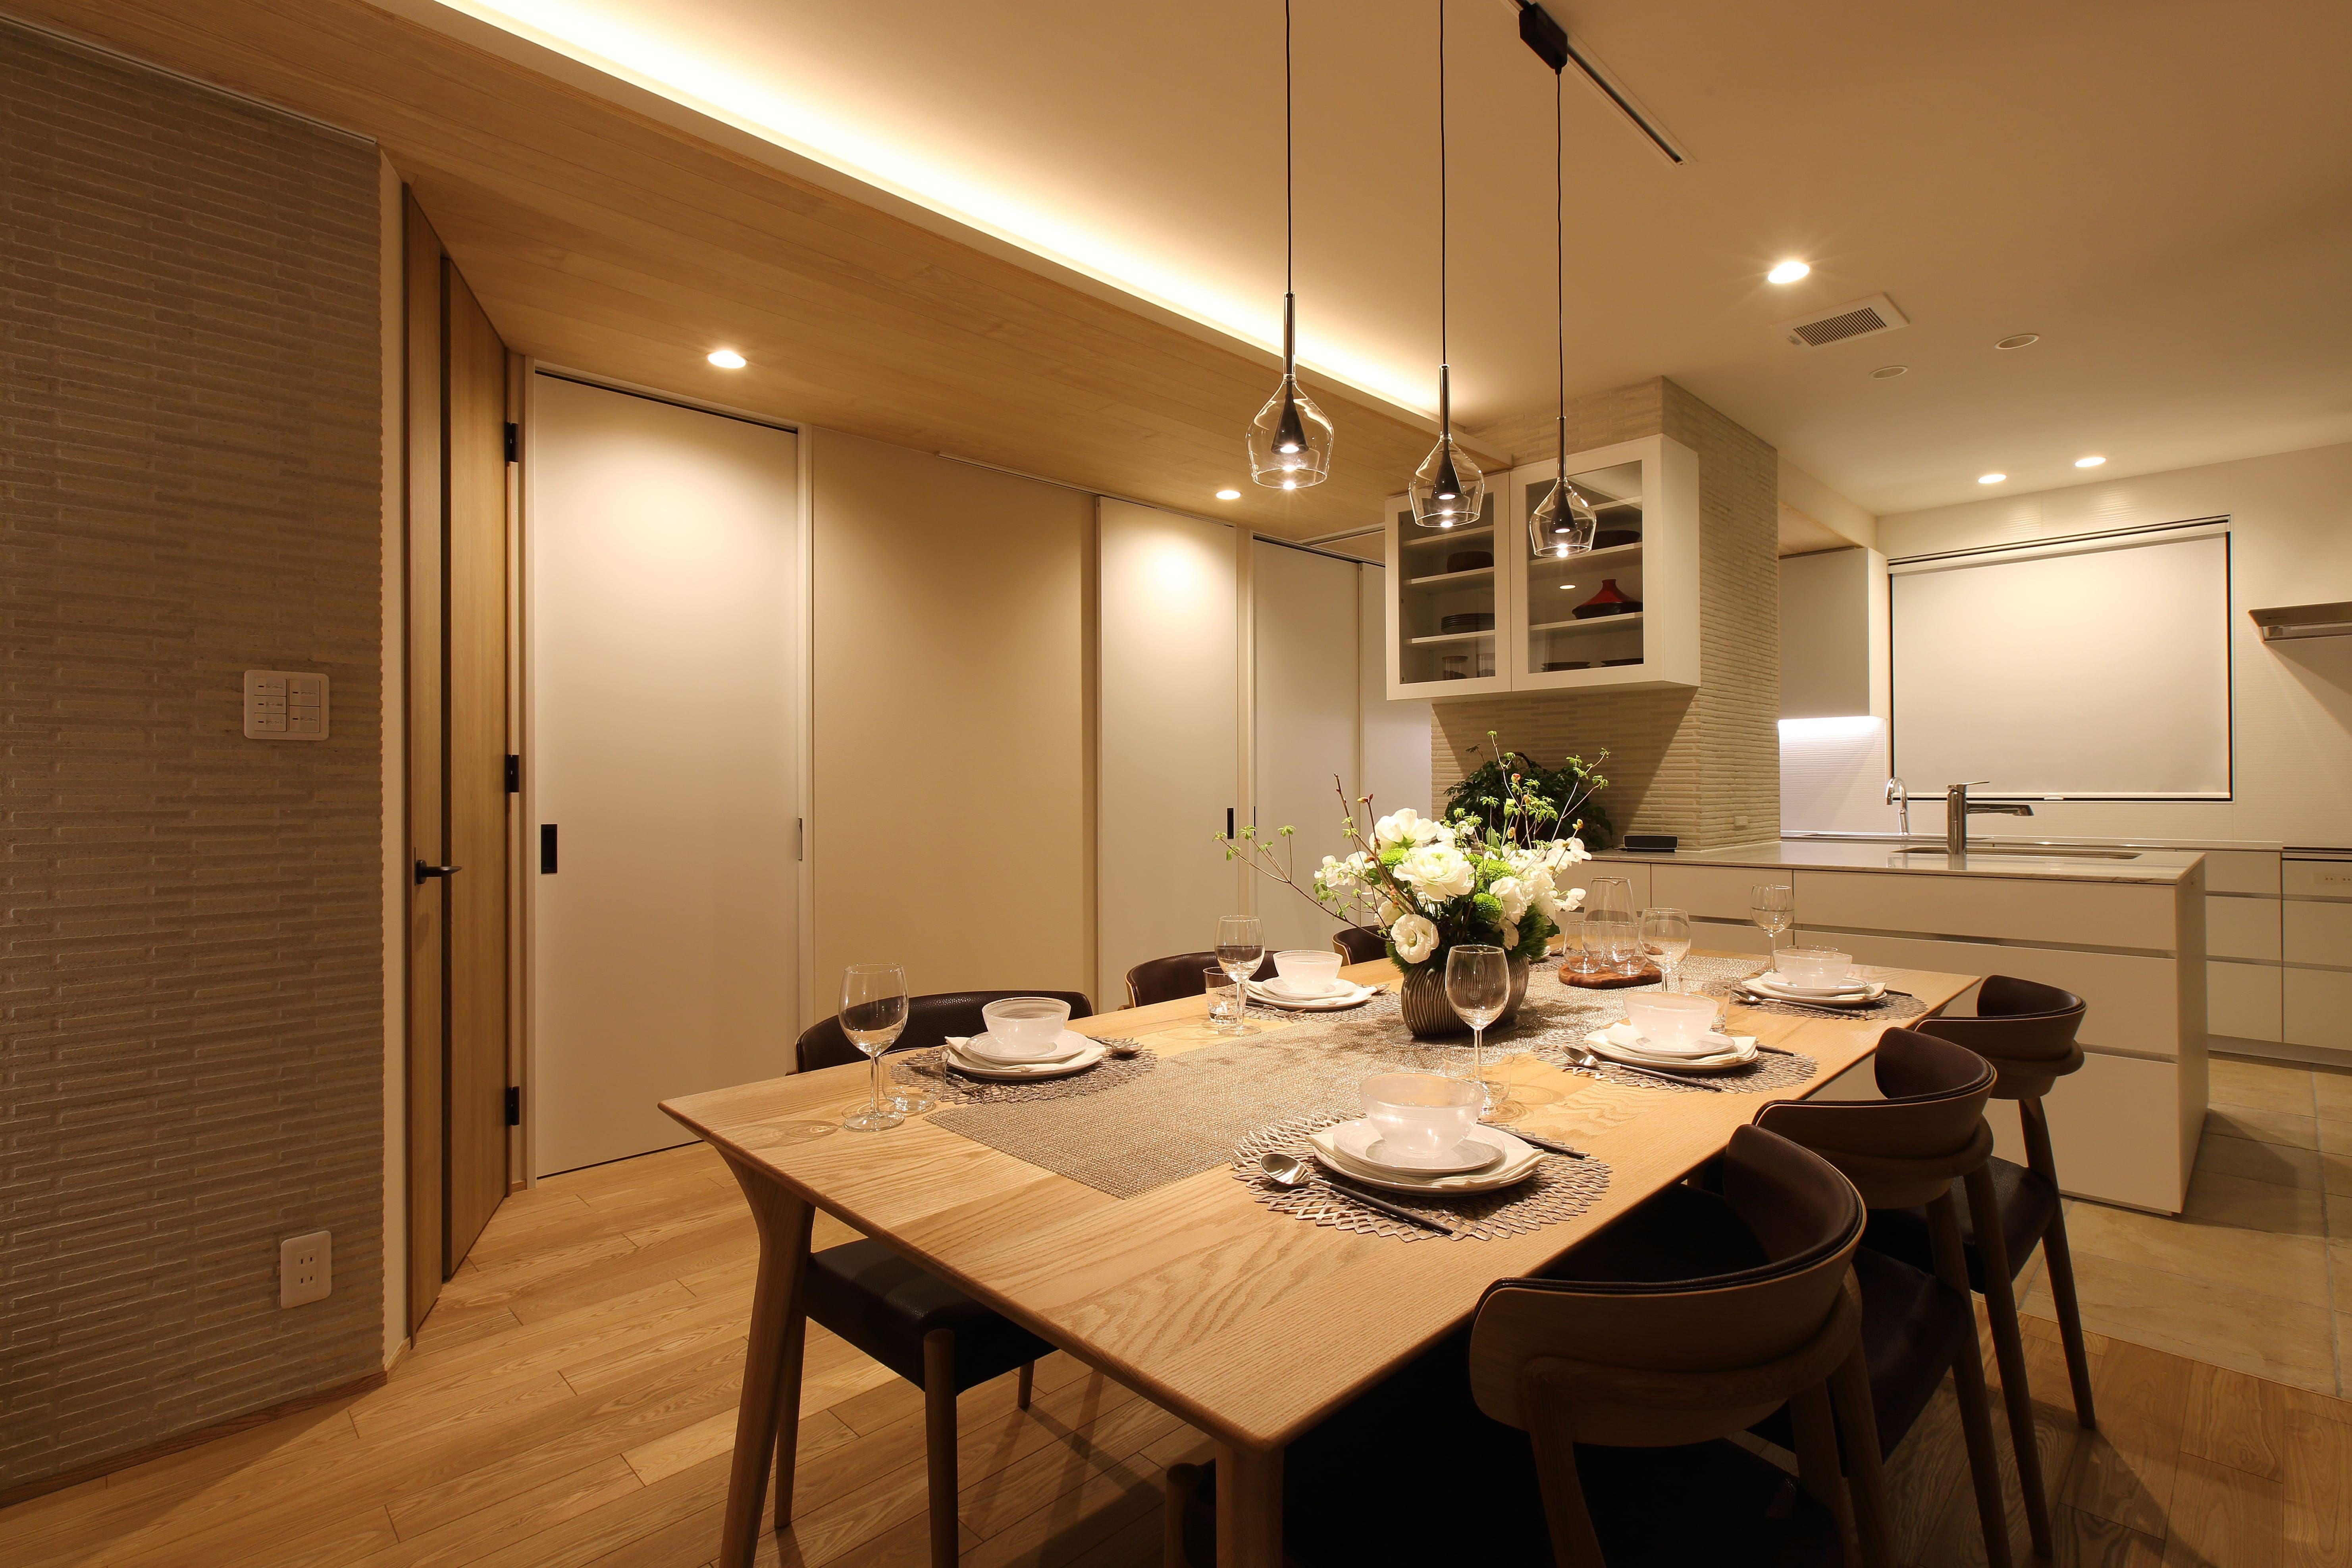 リビングダイニング事例:オフホワイトを基調にした内装に(中古住宅を購入してリフォーム。住みやすさとデザイン性の高さを兼ね備えた住まいに。)